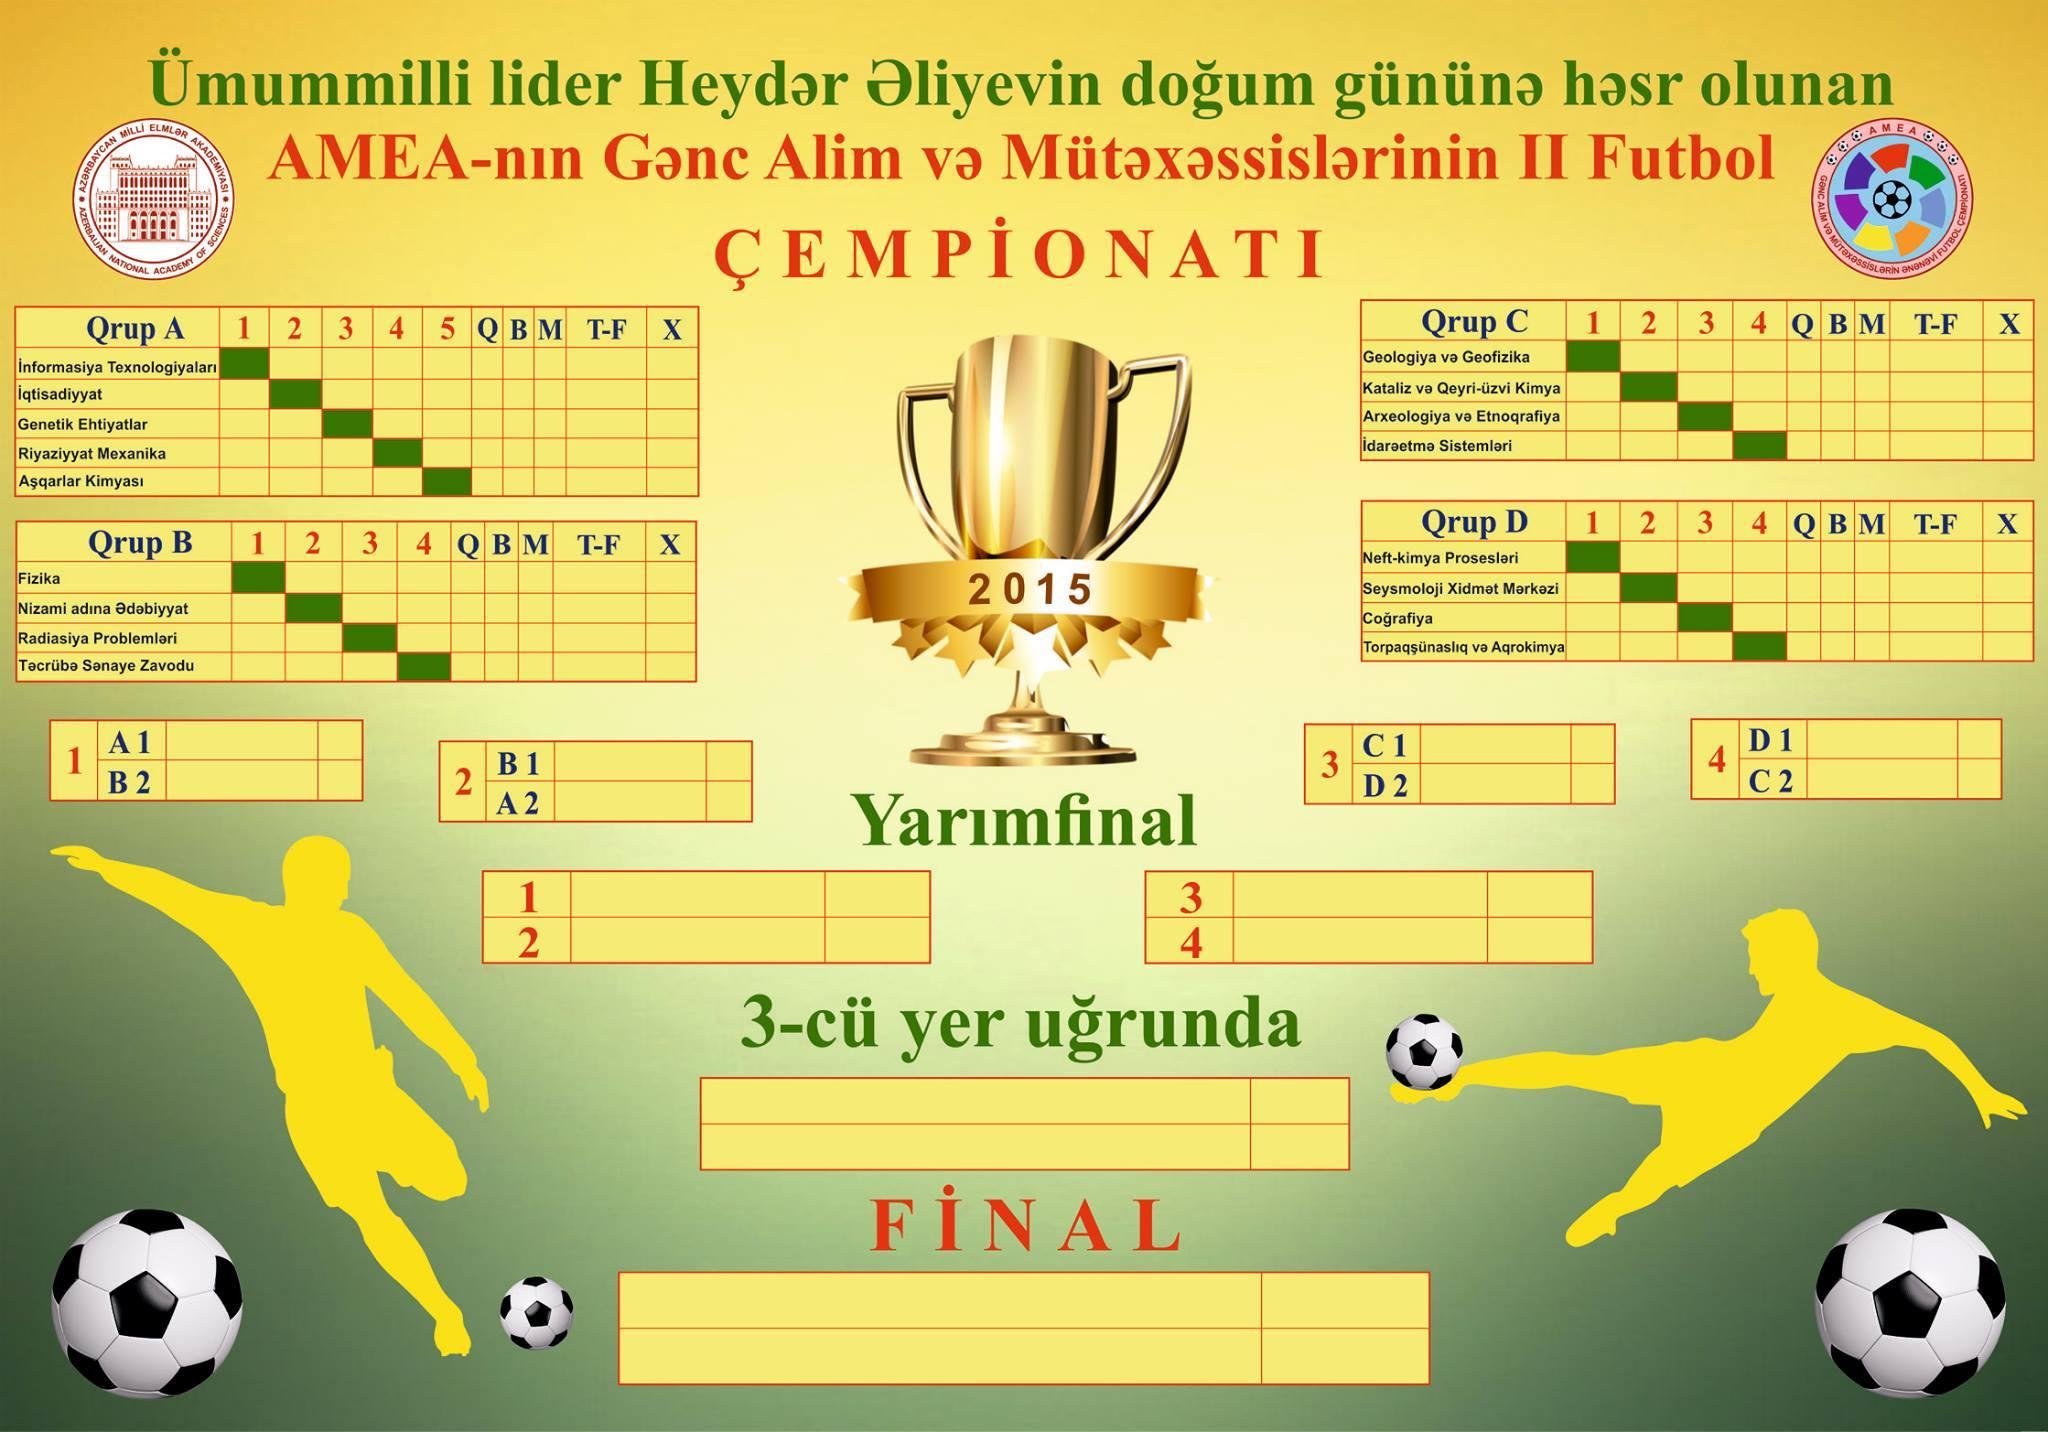 Gənc Alim və Mütəxəssislər Şurası növbəti futbol çempionatının püşkatma mərasimin keçirdi